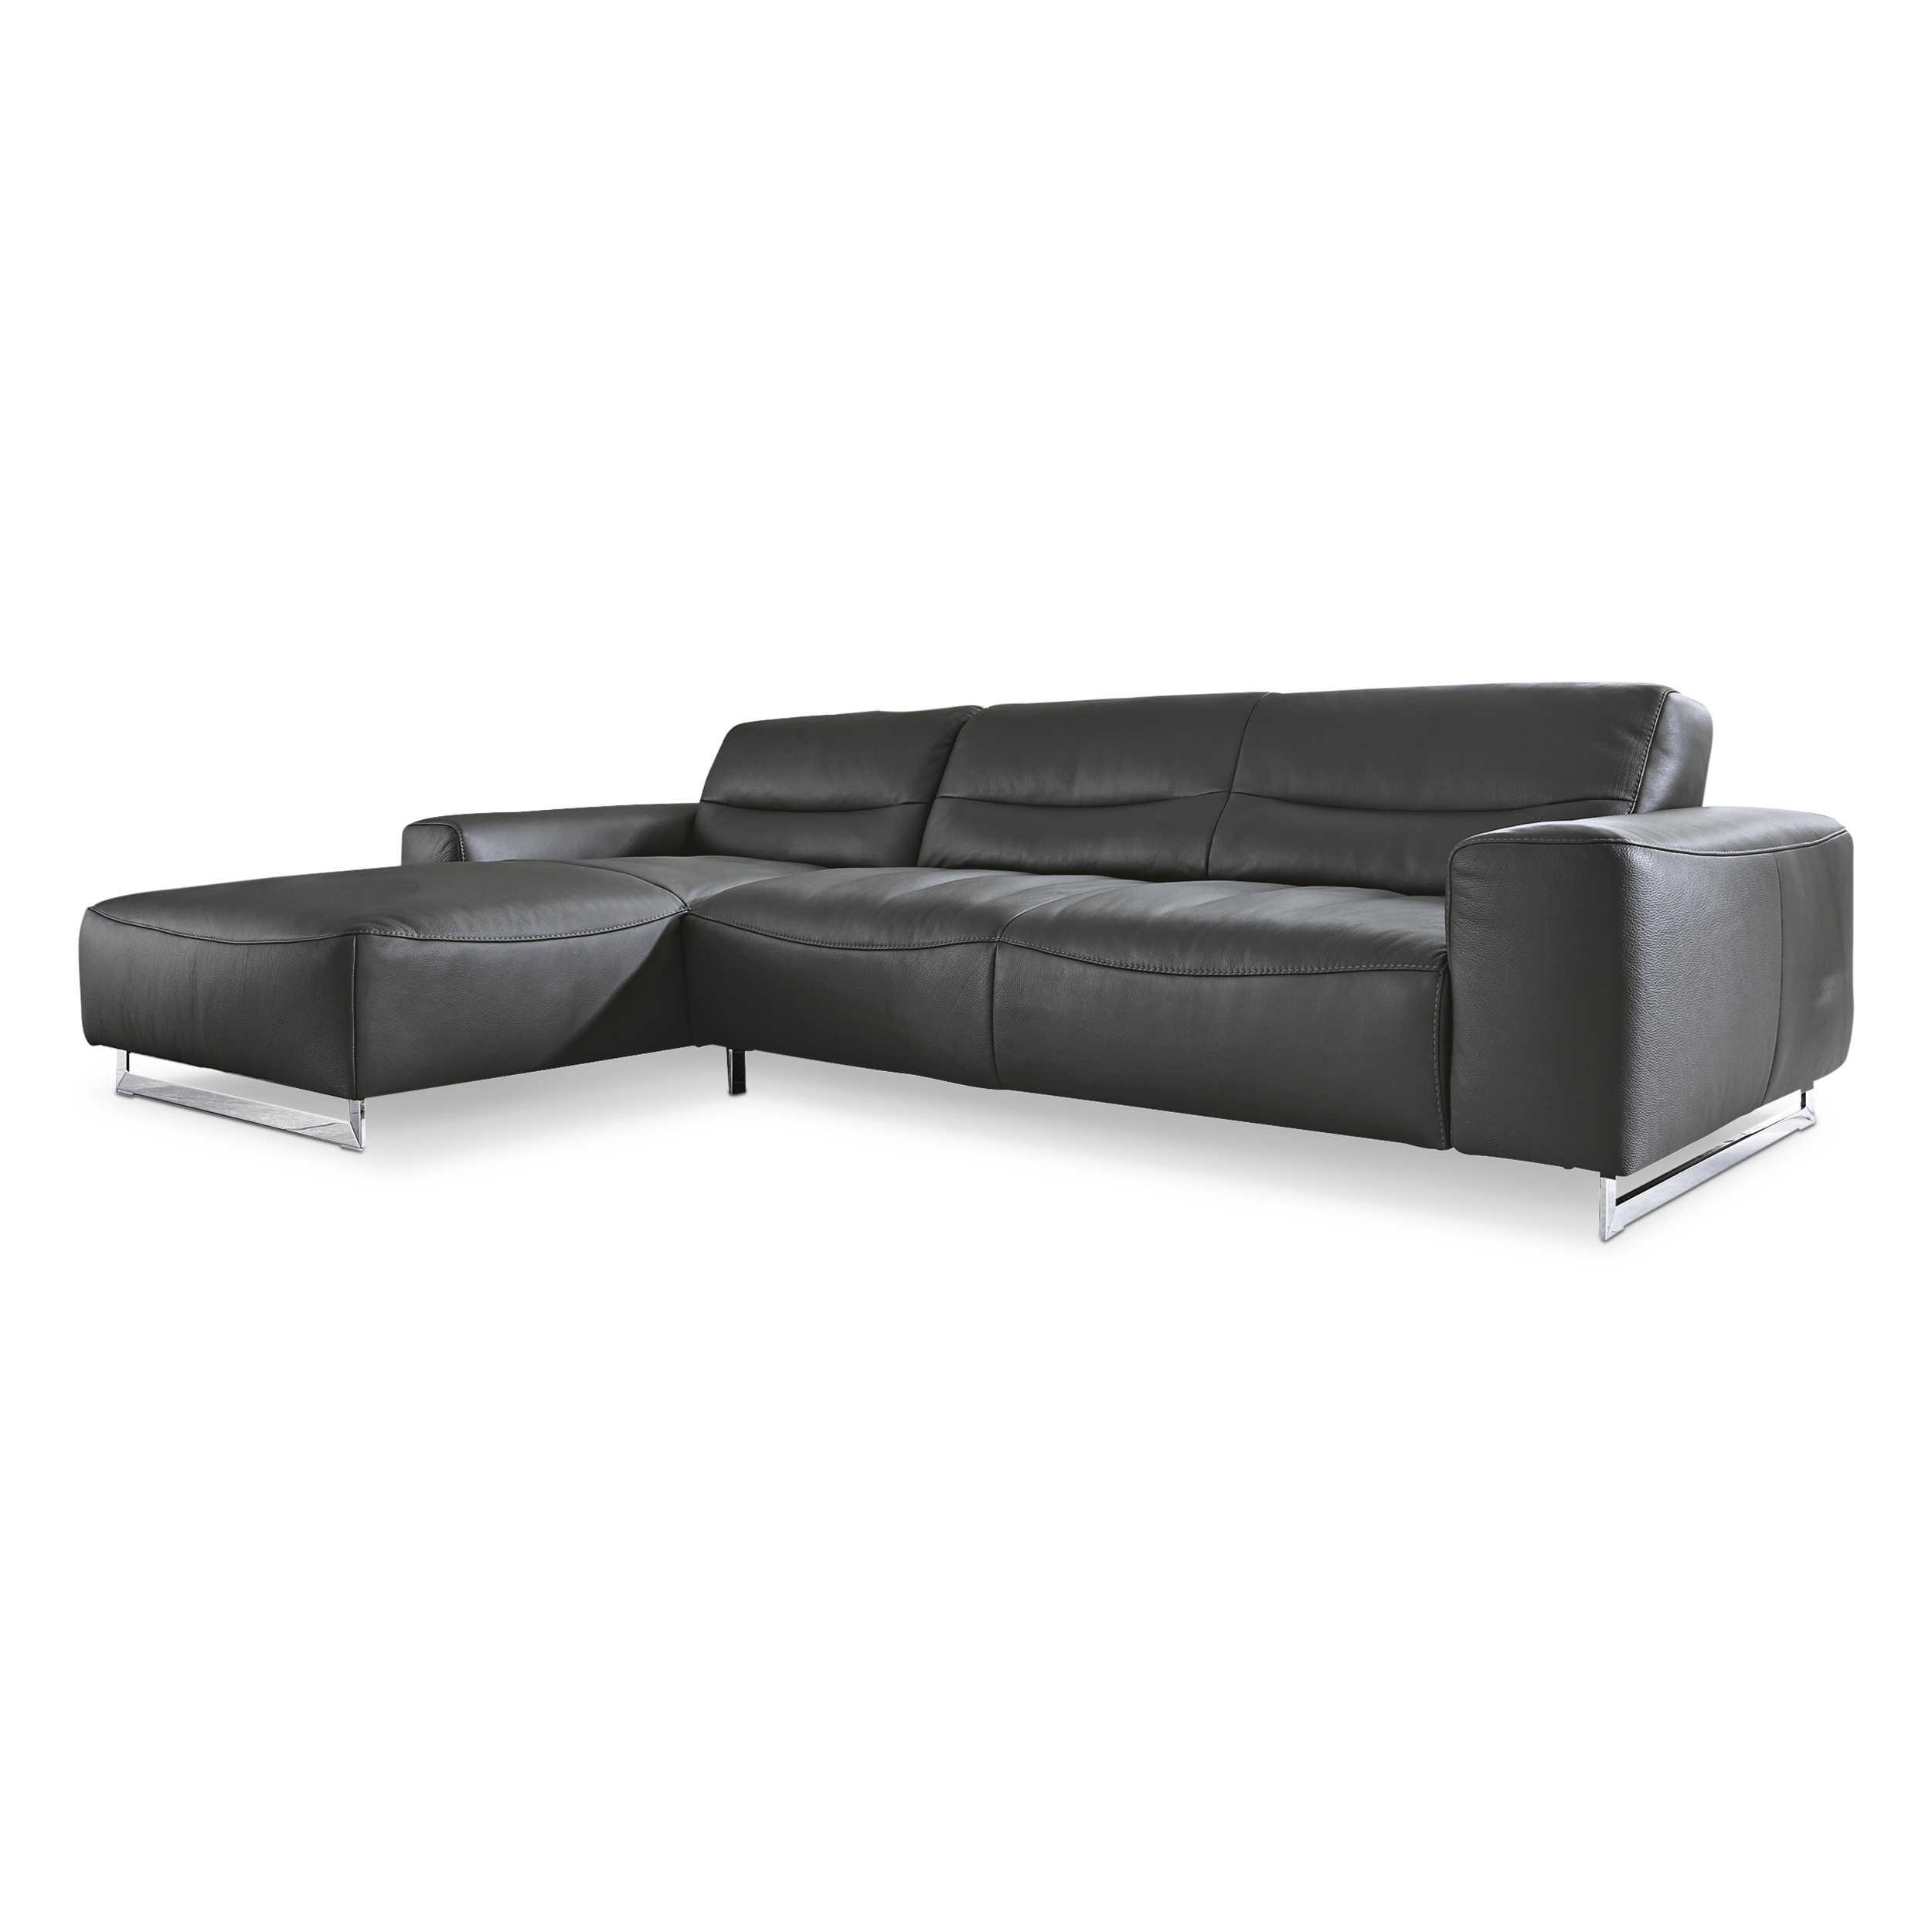 willi schillig ecksofa 20560 william anthrazit leder. Black Bedroom Furniture Sets. Home Design Ideas